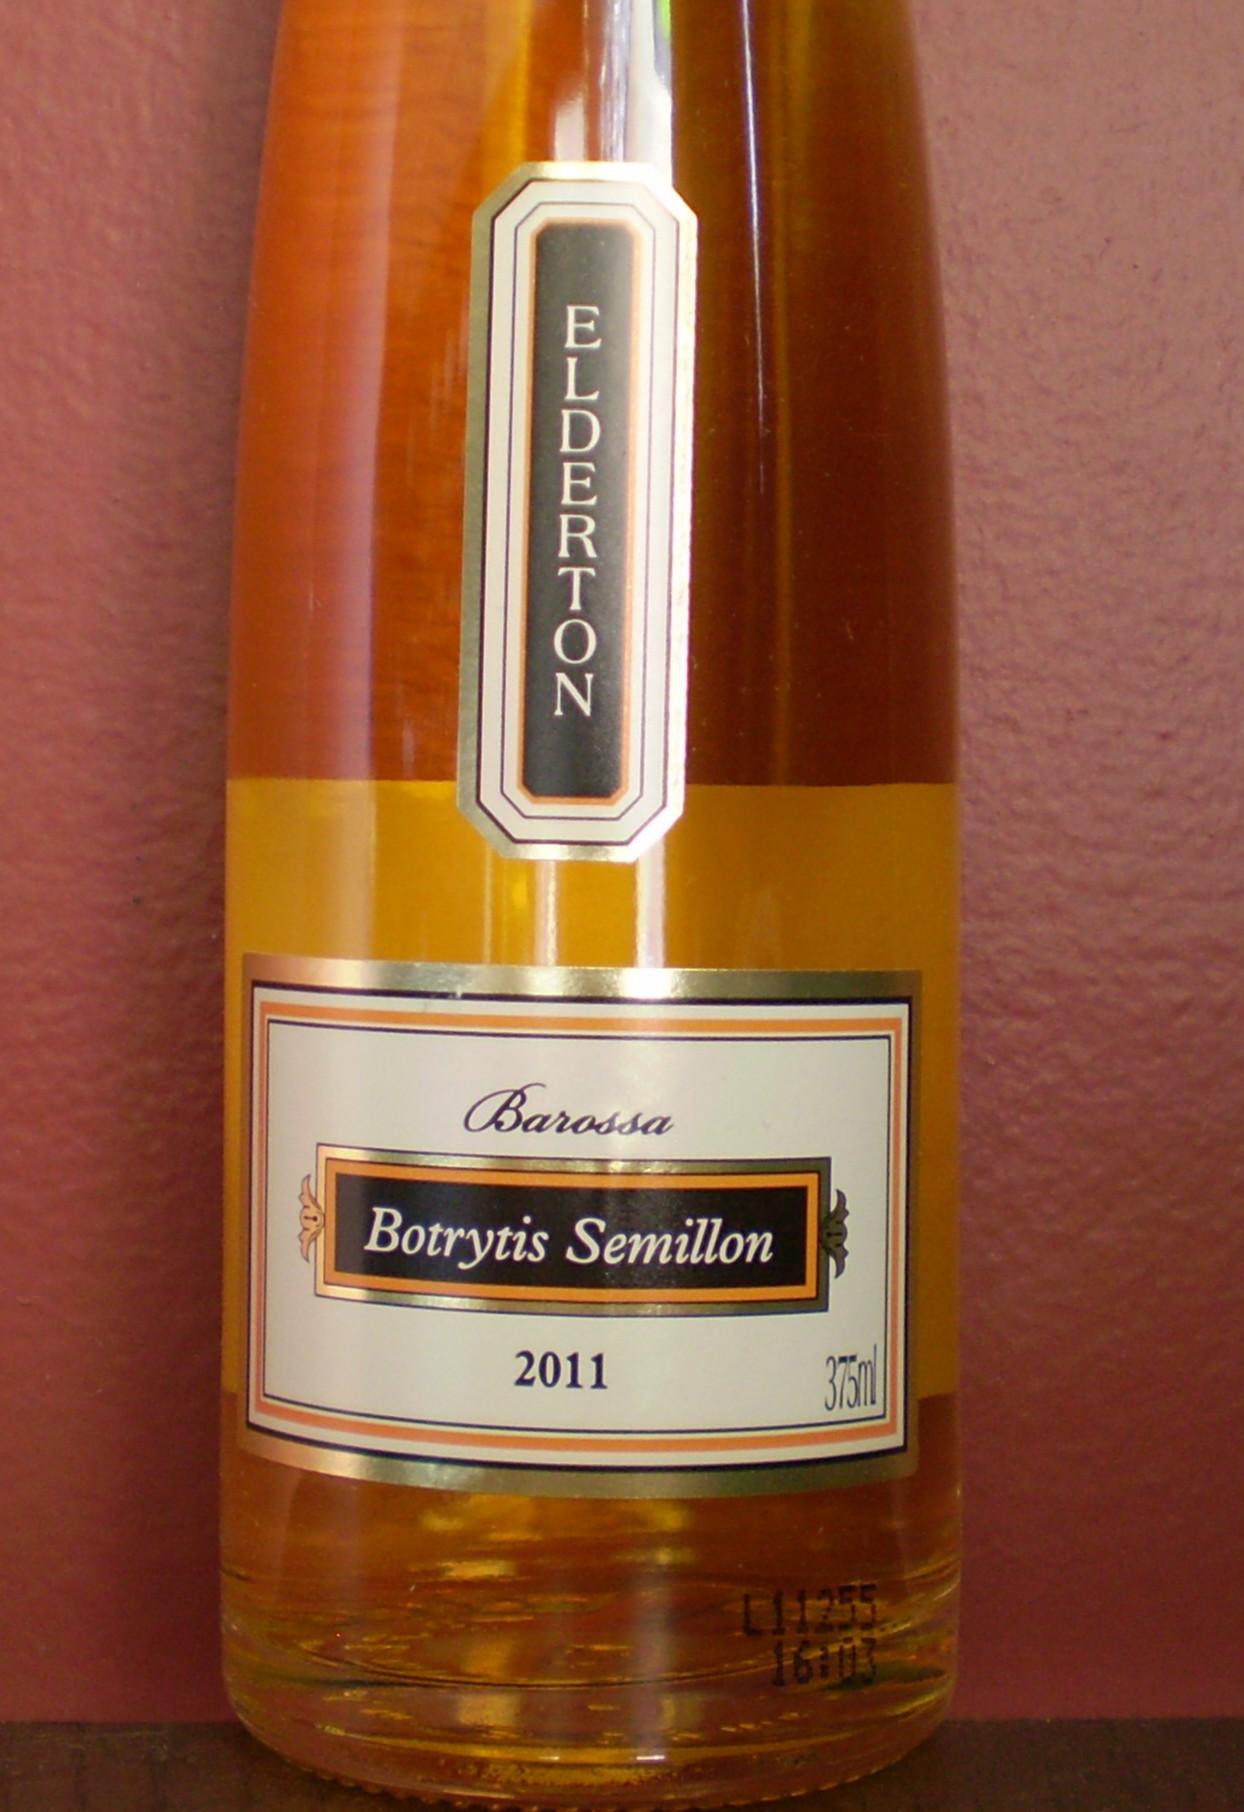 德顿酒庄赛美蓉贵腐甜白Elderton Botrytis Semillon